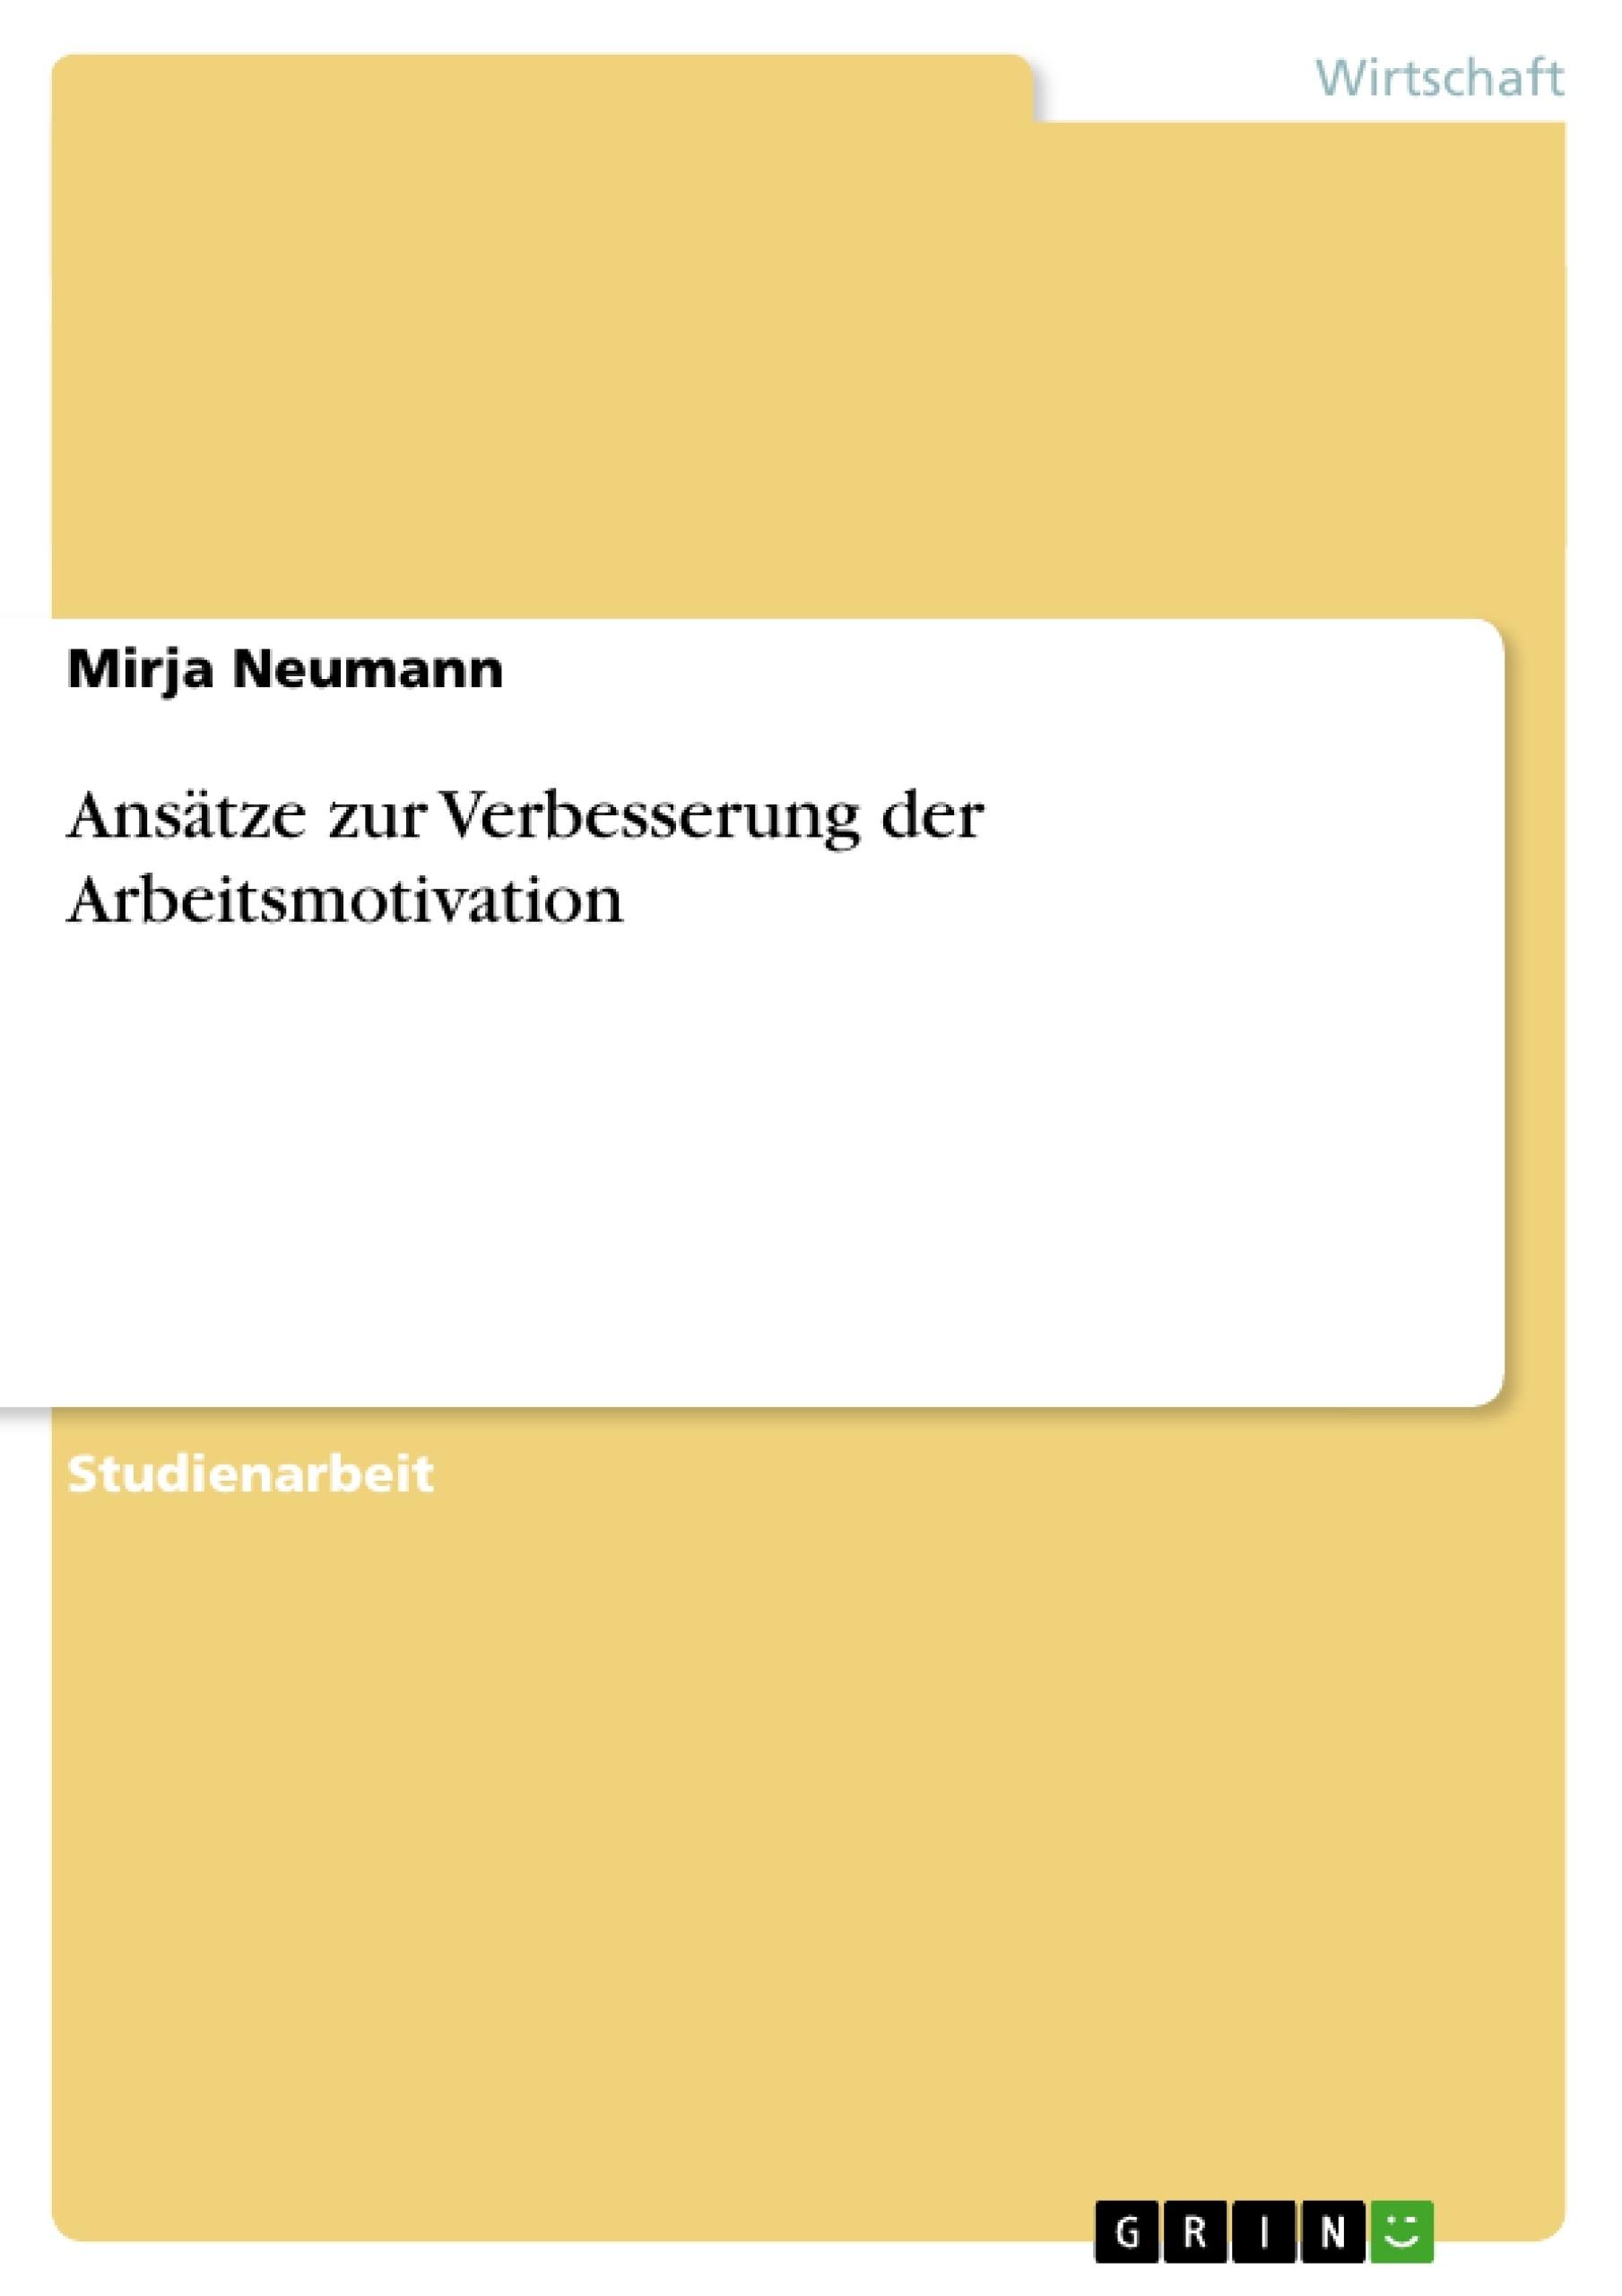 Titel: Ansätze zur Verbesserung der Arbeitsmotivation